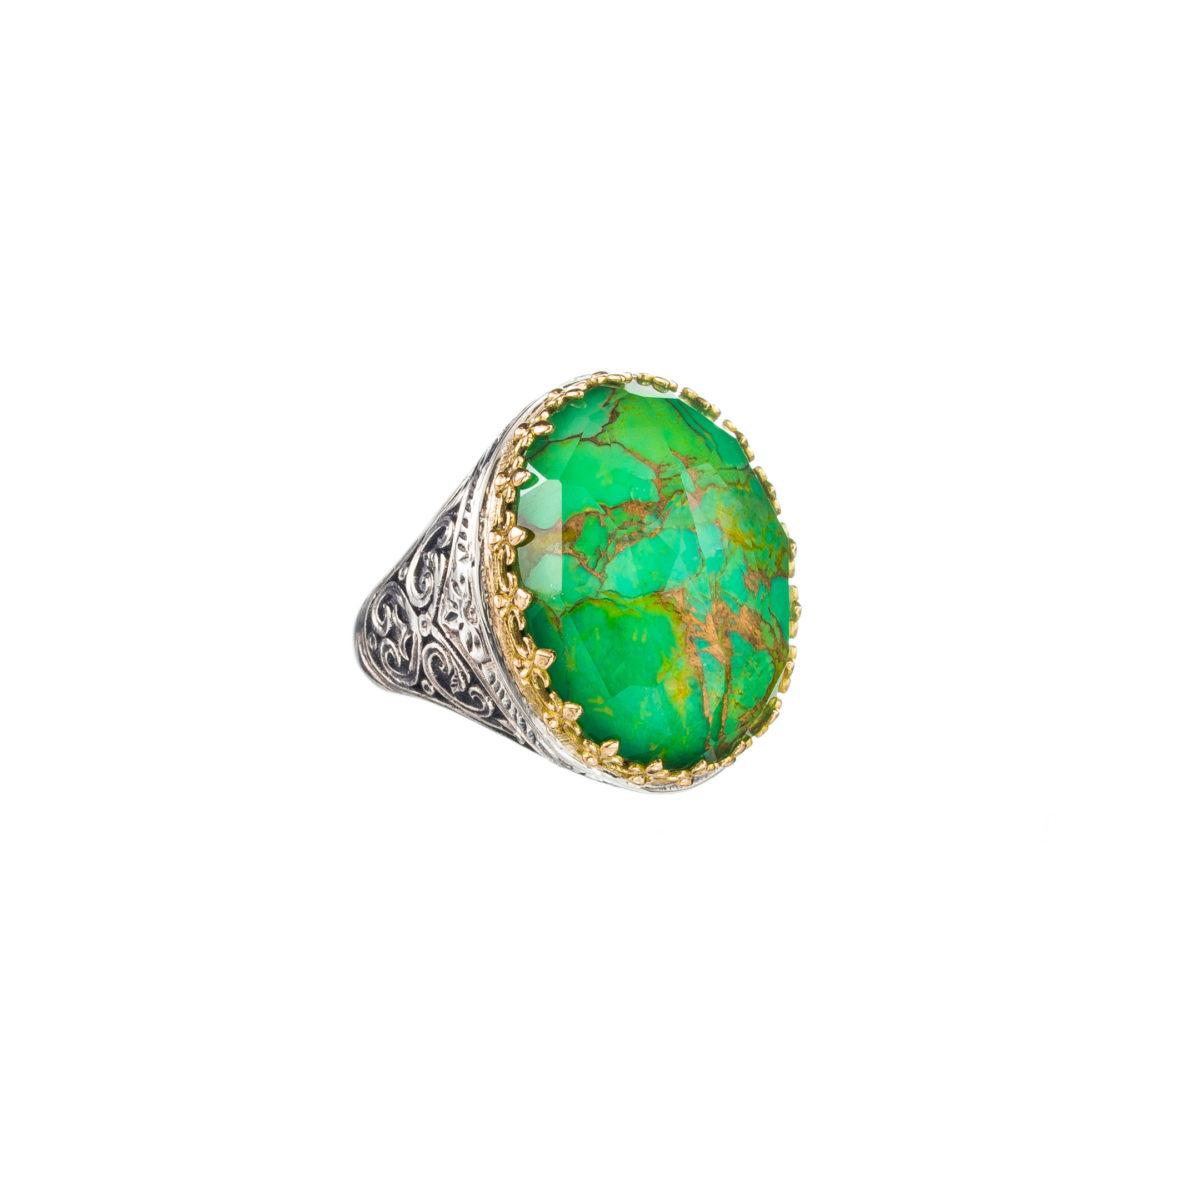 Εντυπωσιακό δαχτυλίδι Gerochristos διακοσμημένο με μια ντουμπλέτα πέτρα οβάλ κοπής πράσινη τιρκουάζ και καθαρό κρύσταλλο χαλαζία